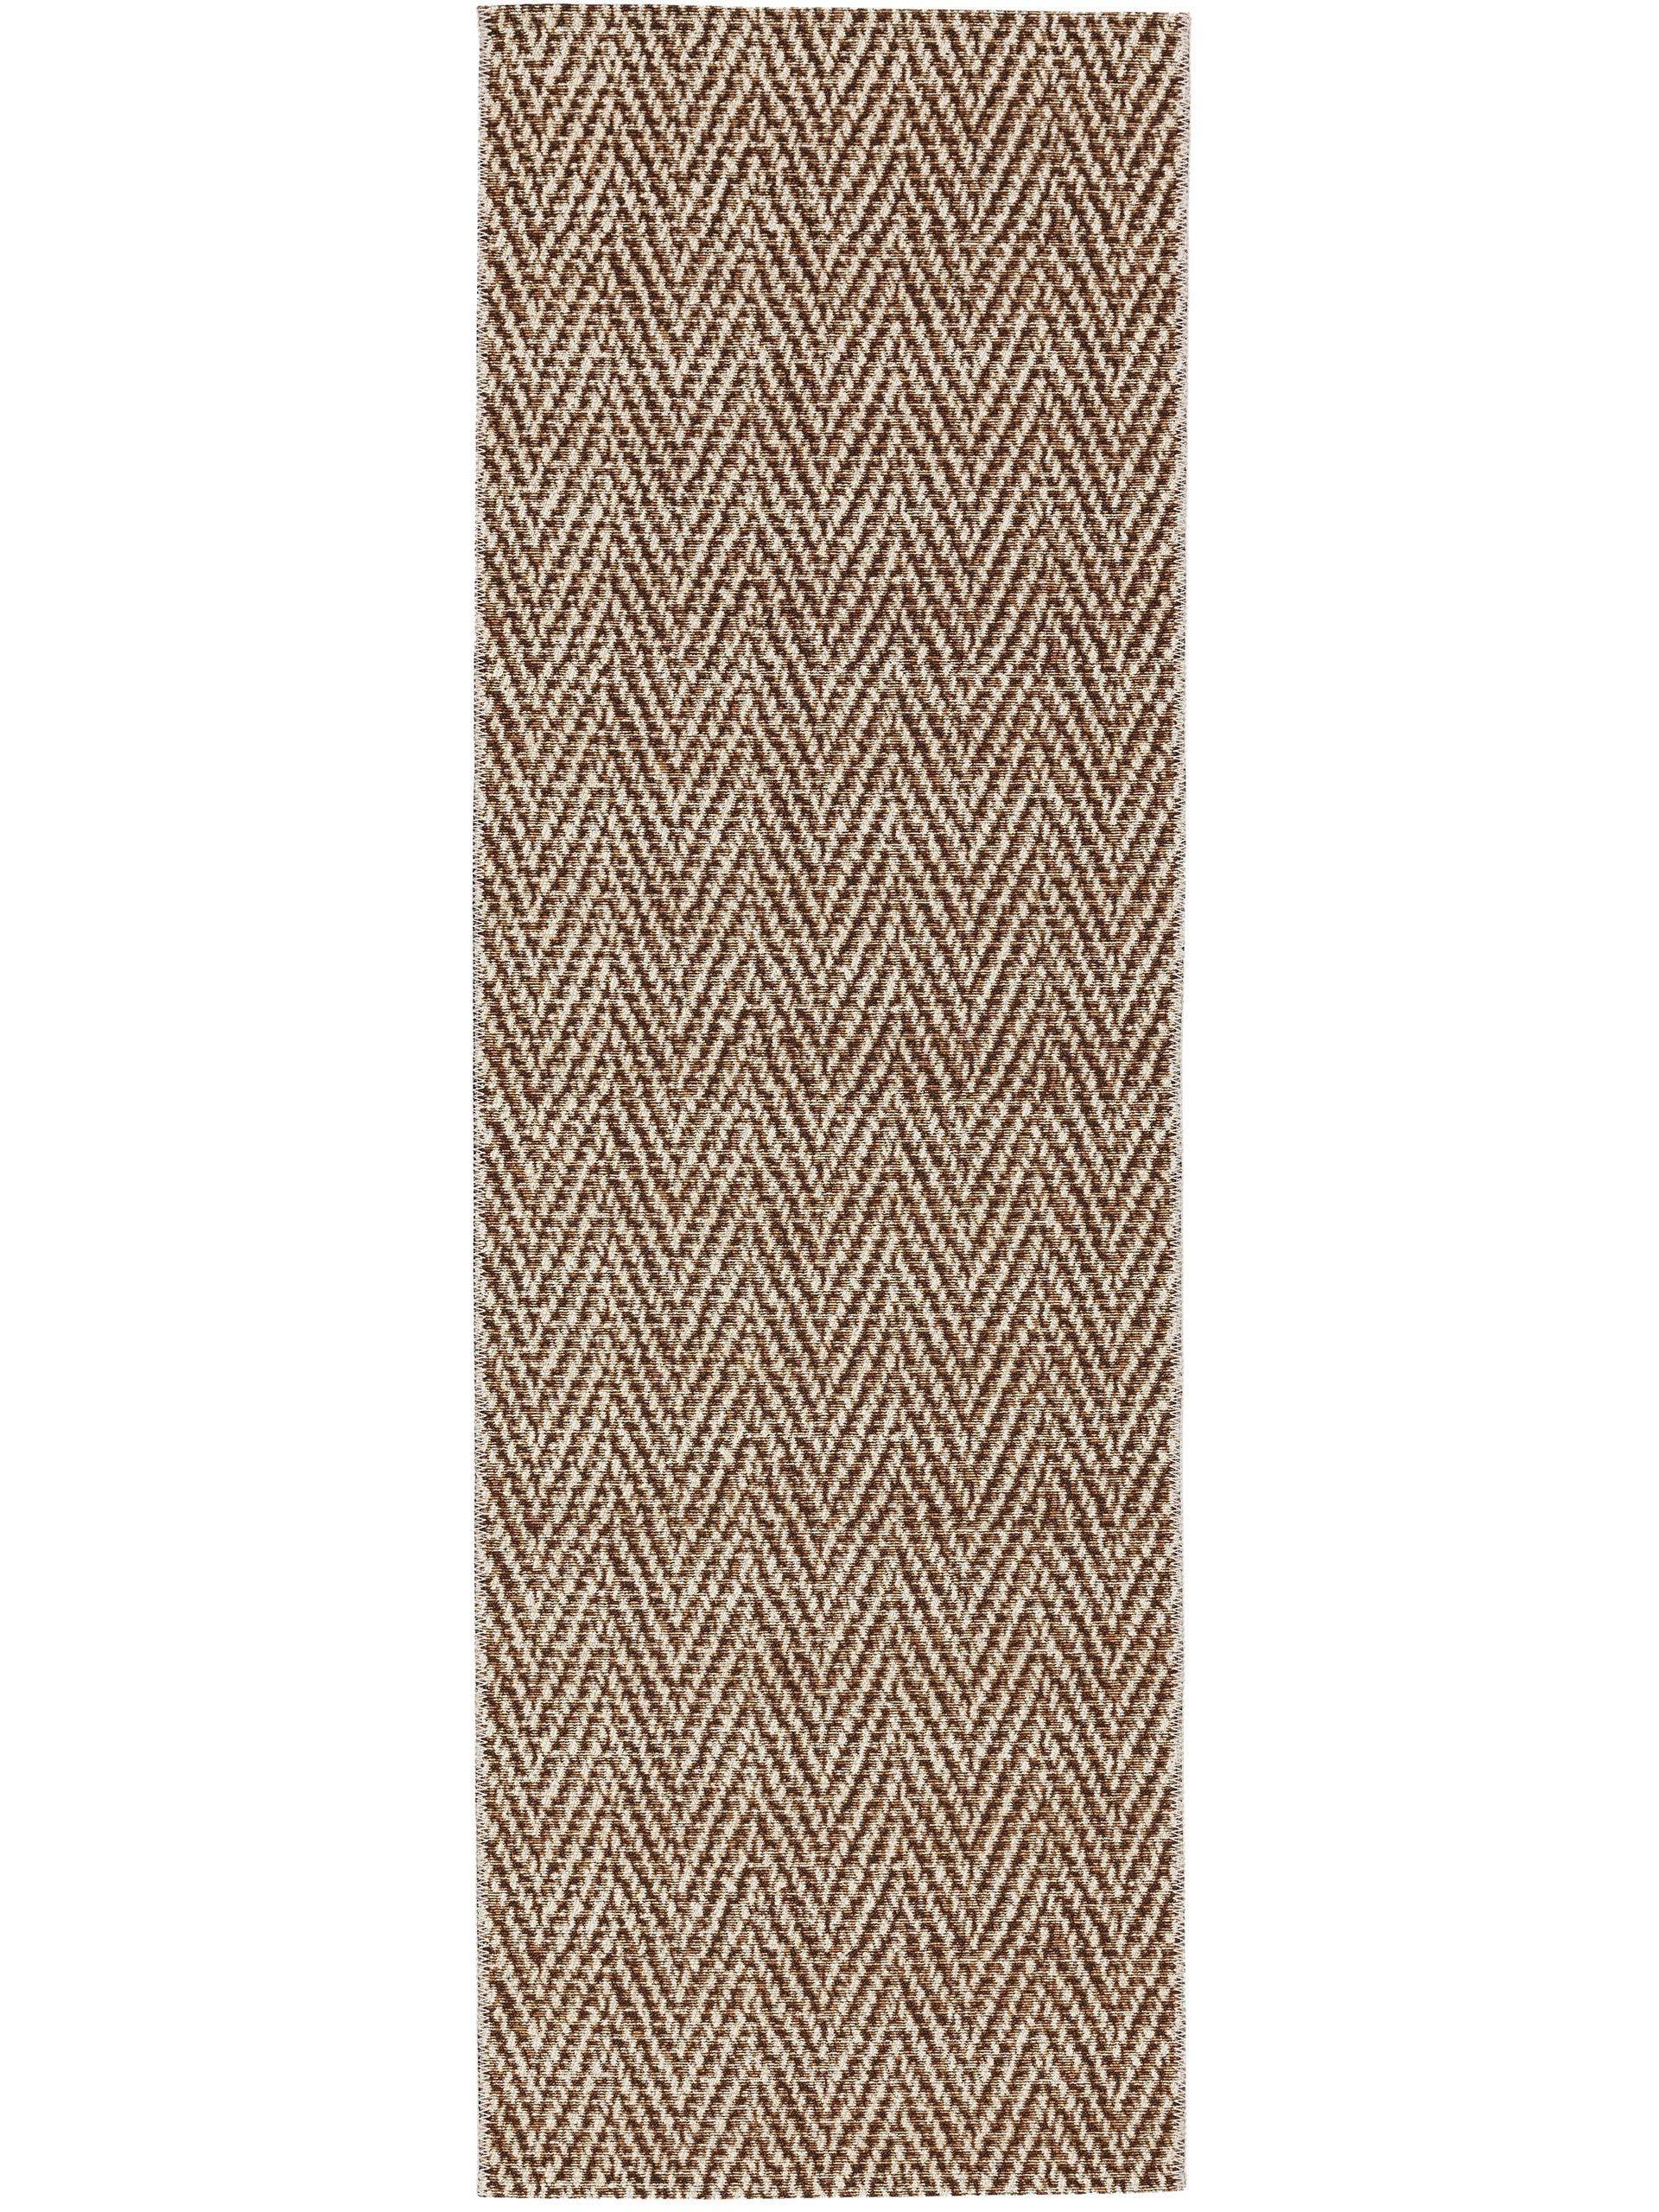 Tapis d'extérieur & intérieur crème/beige 80x250